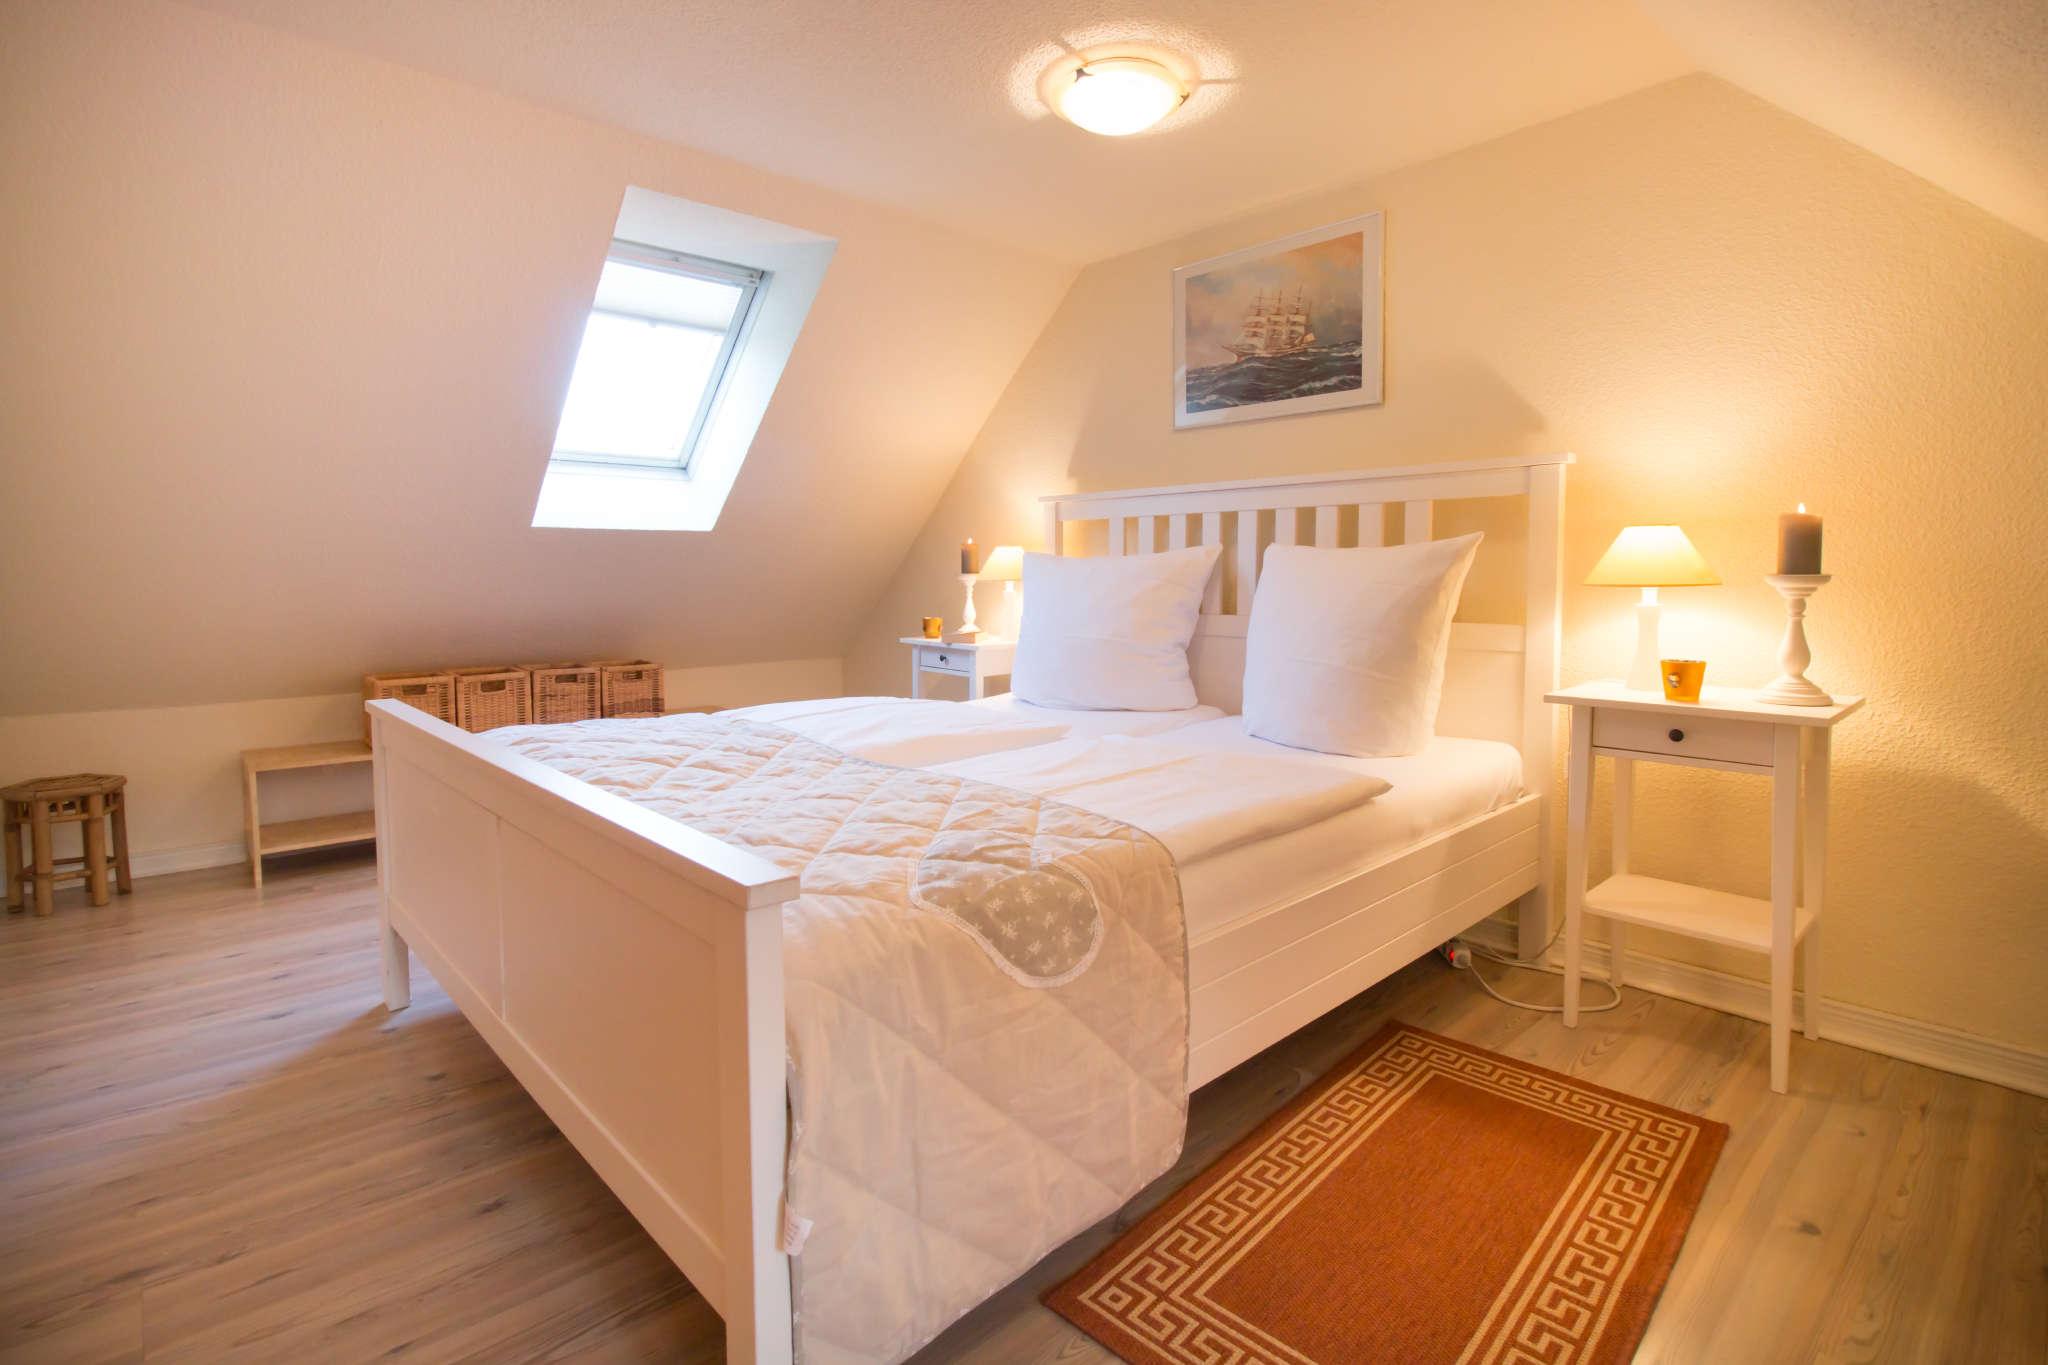 Gemütliches Schlafzimmer im Dachgeschoss